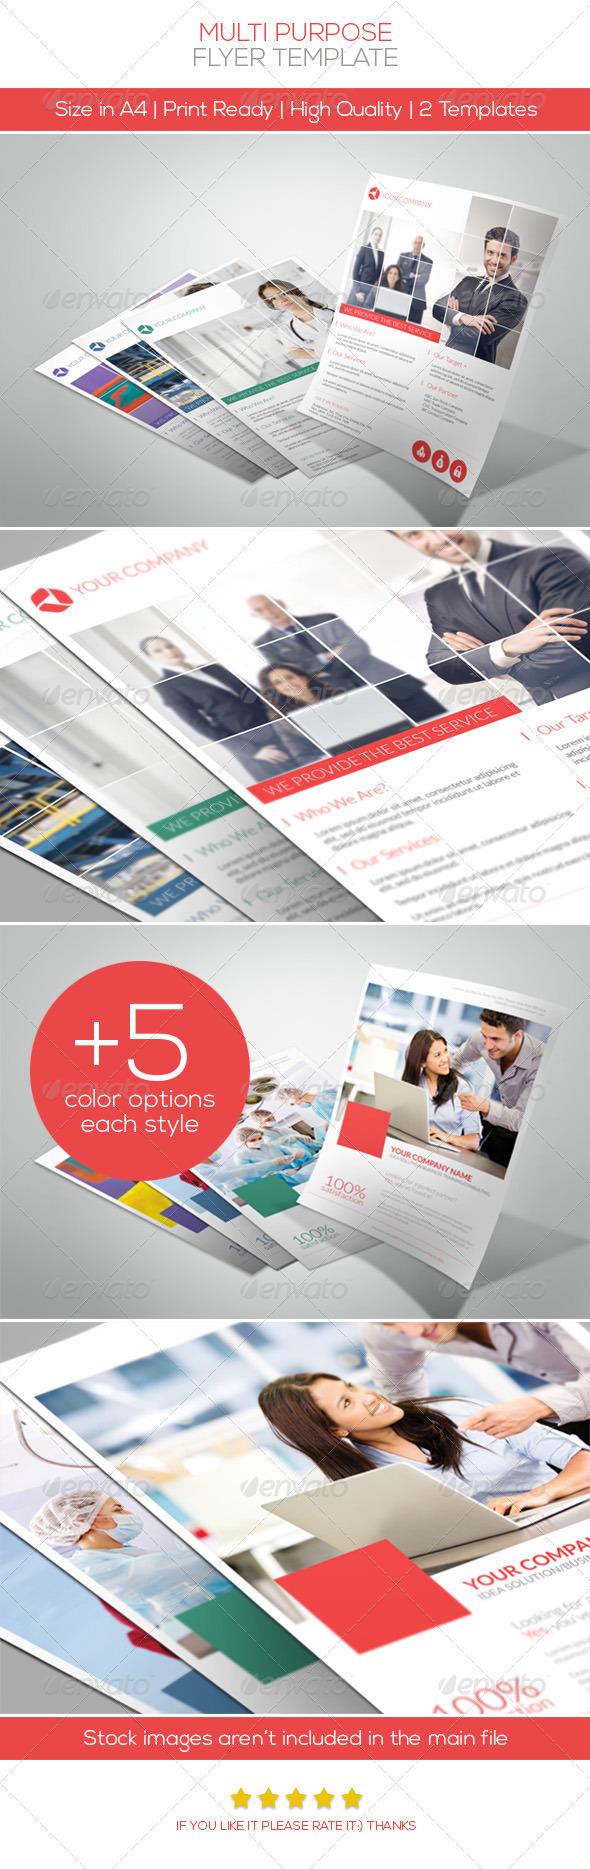 GraphicRiver Multi Purpose Flyer Vol.2 4808425